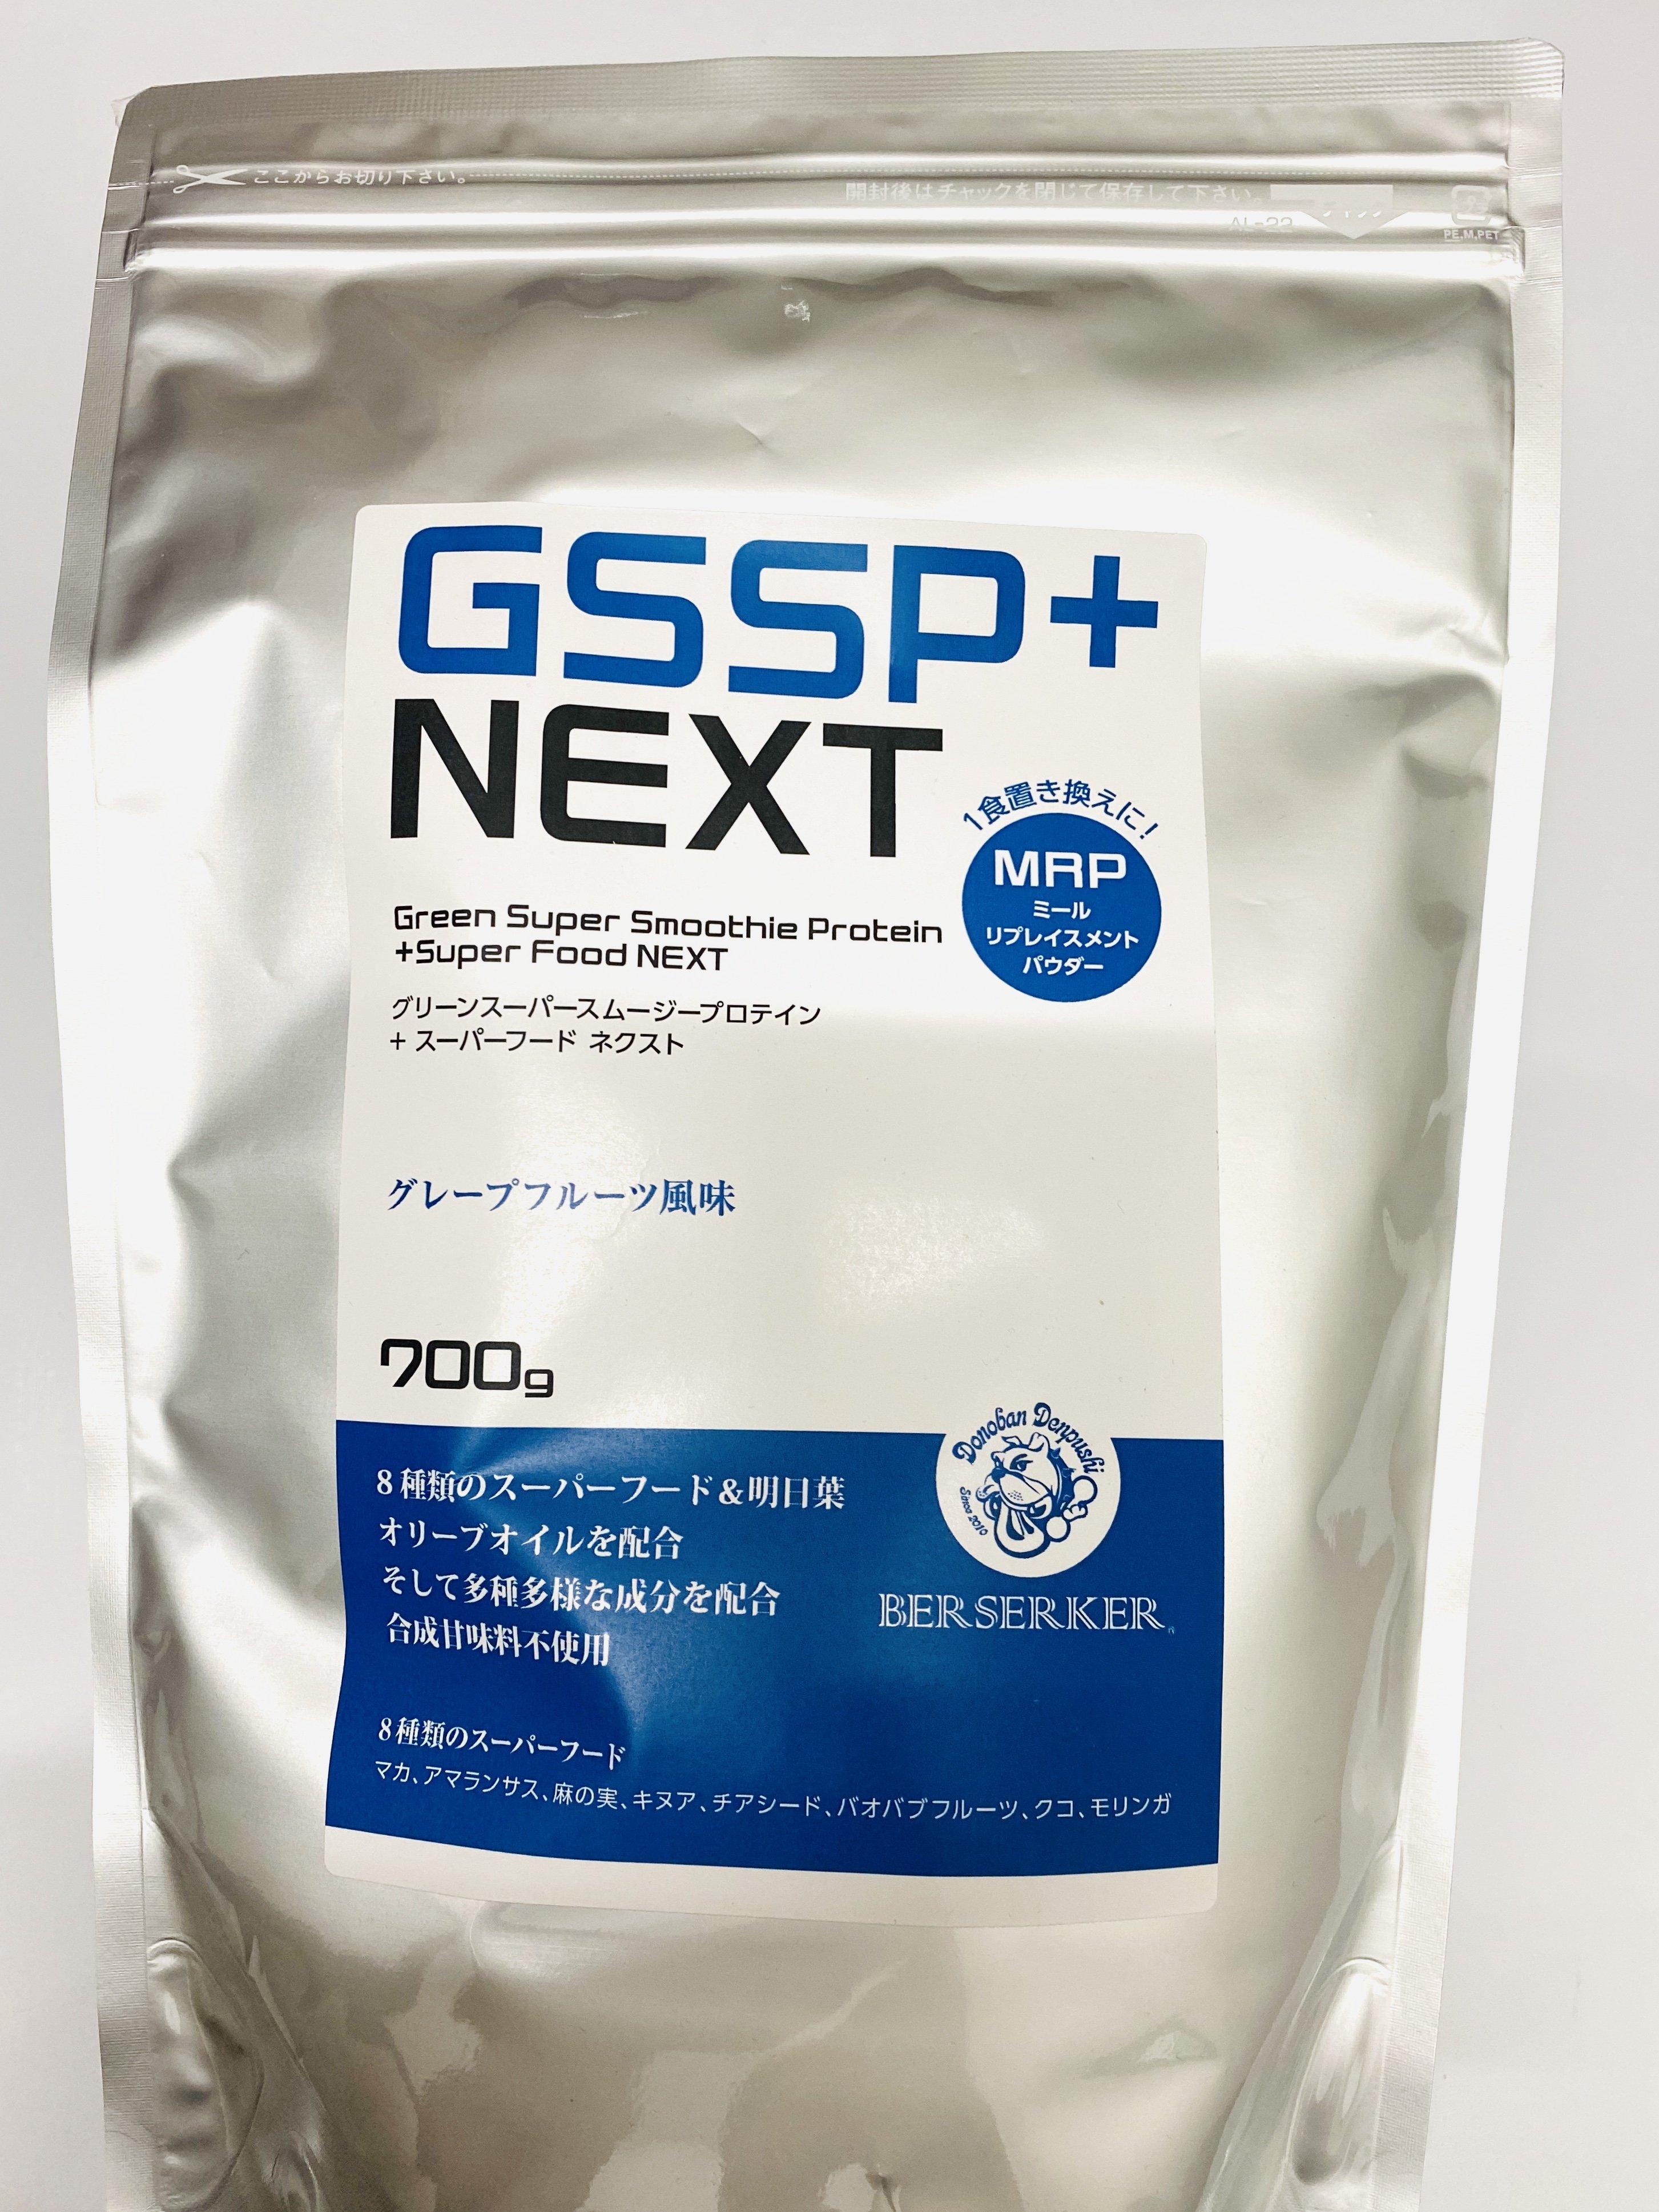 店頭払い【ダイエットの決定版!】GSSP+NEXTのイメージその1